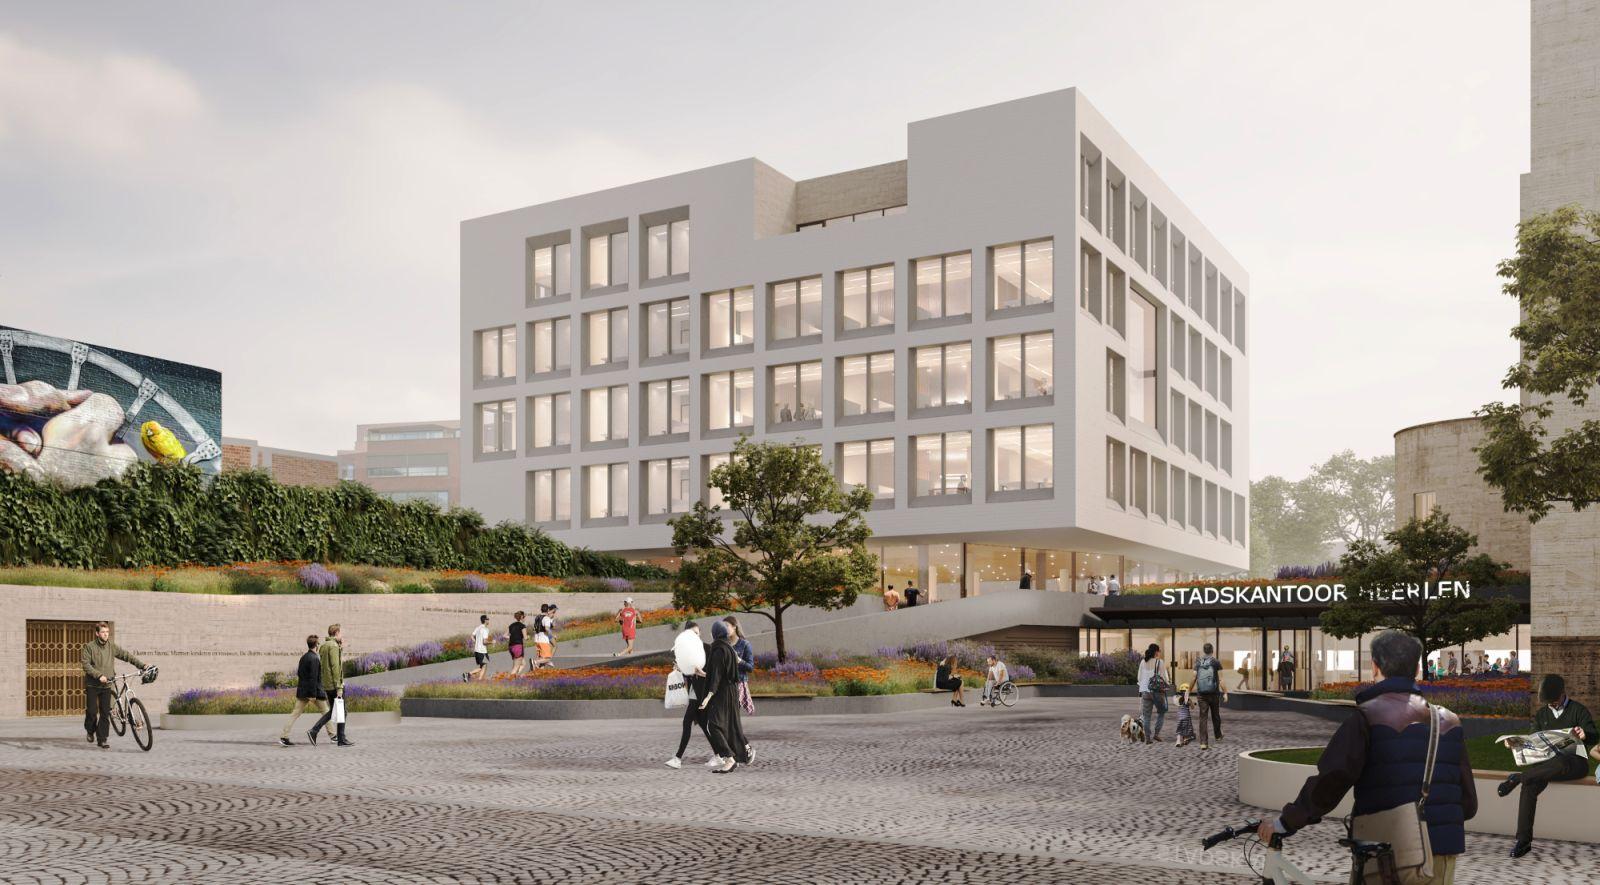 City Hall Heerlen